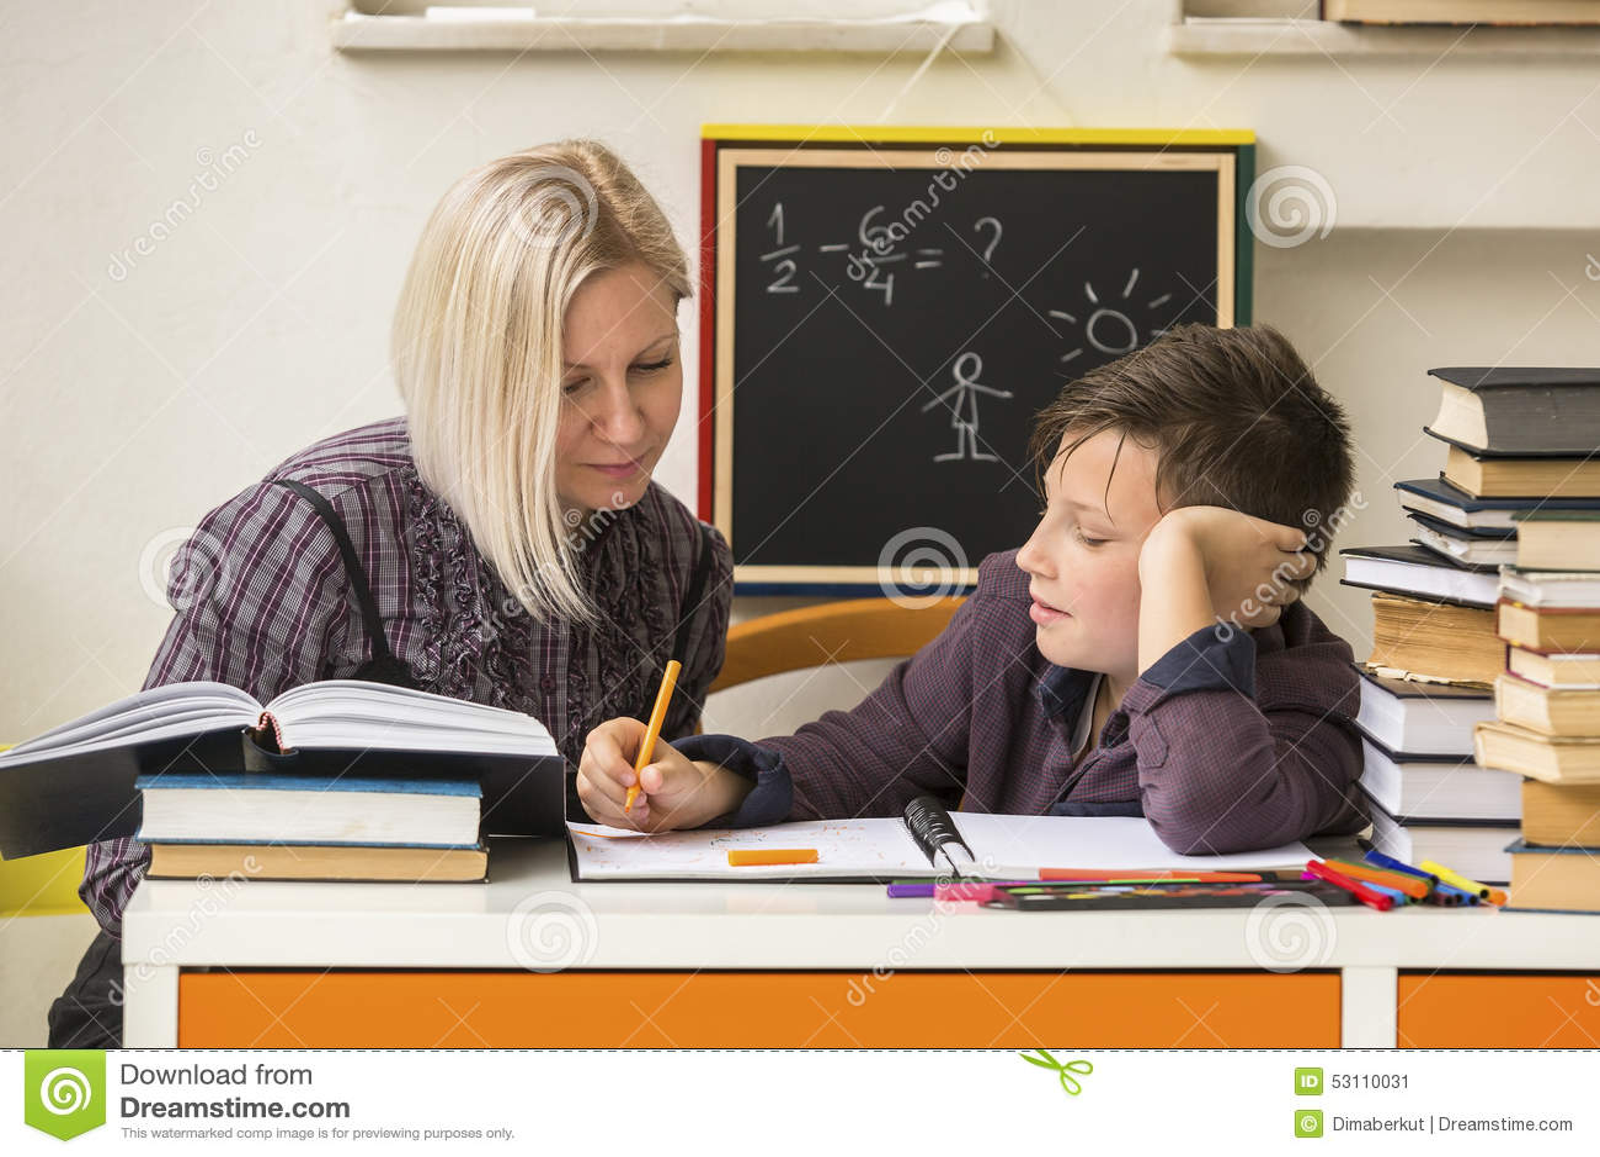 school coursework help